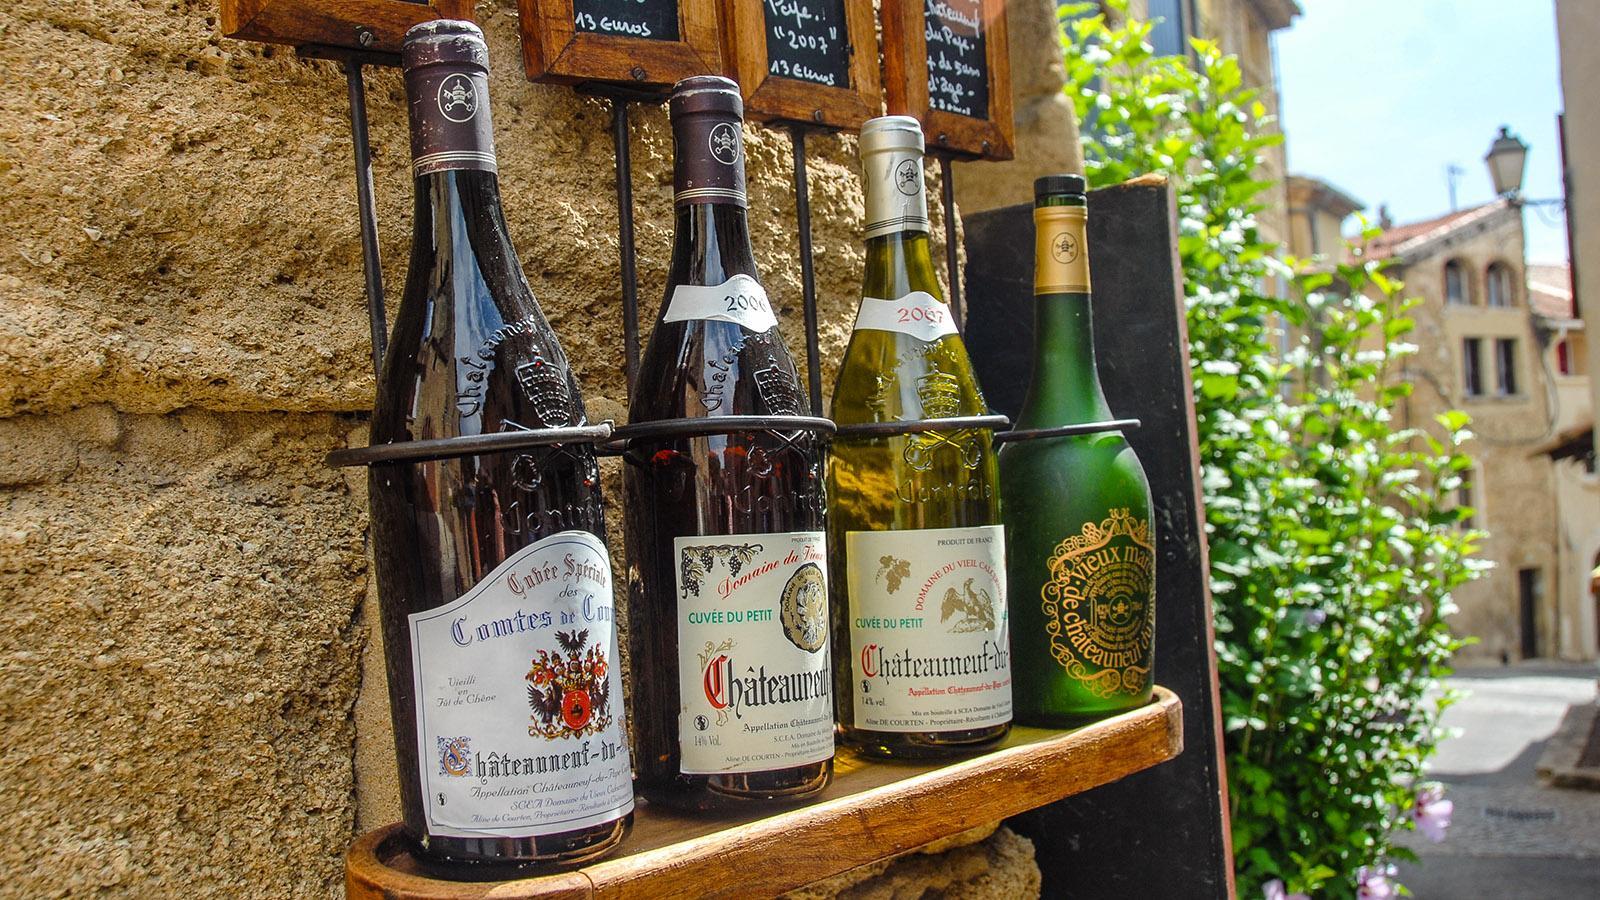 Châteauneuf-du-Pape: Flaschenparade auf der Fassade. Foto: Hilke Maunder